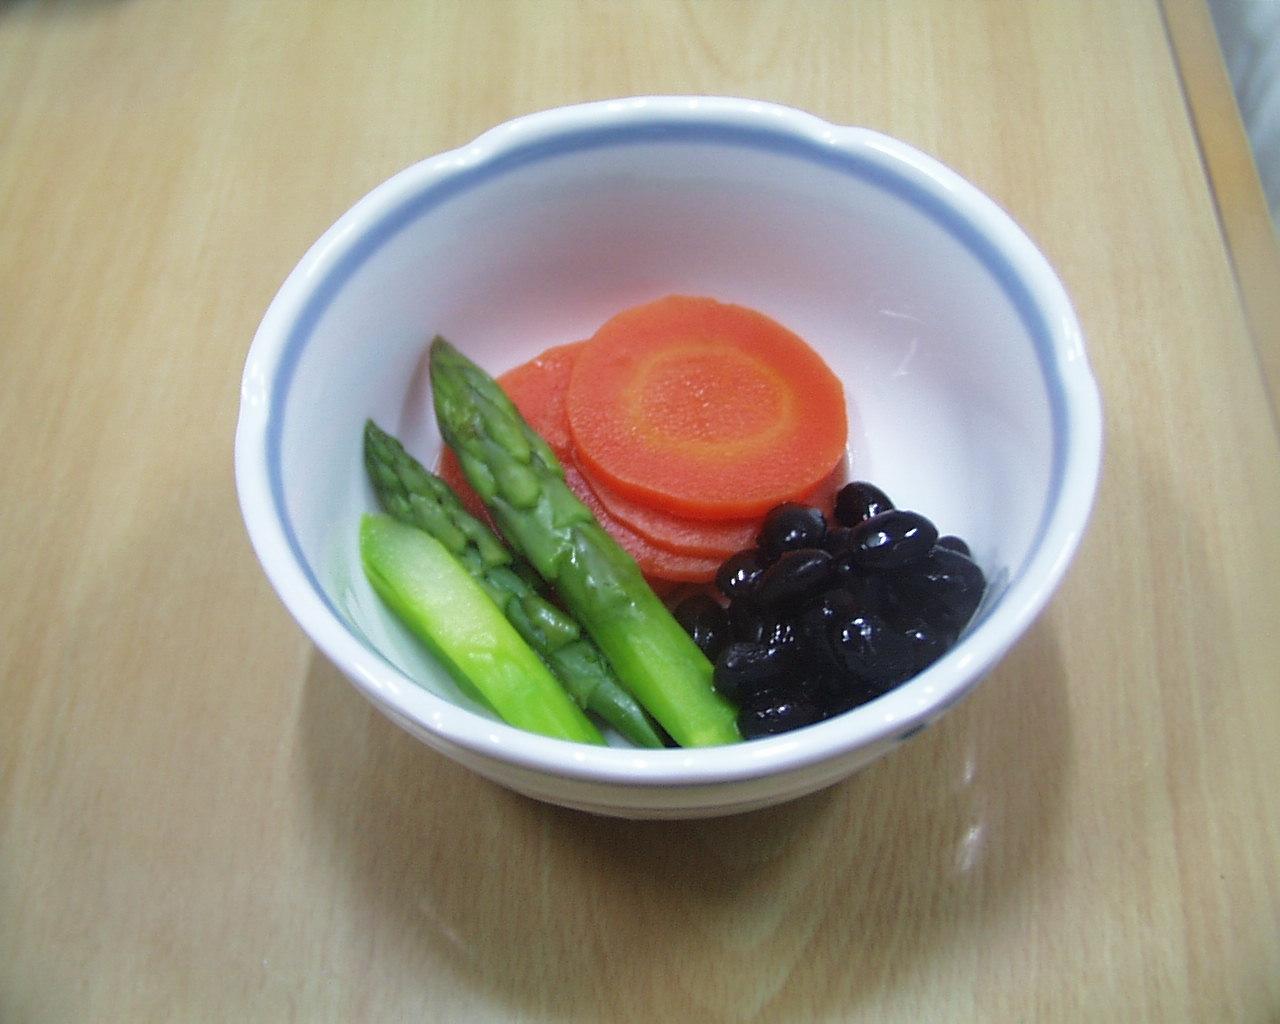 アスパラガス、にんじん、黒豆の添え物